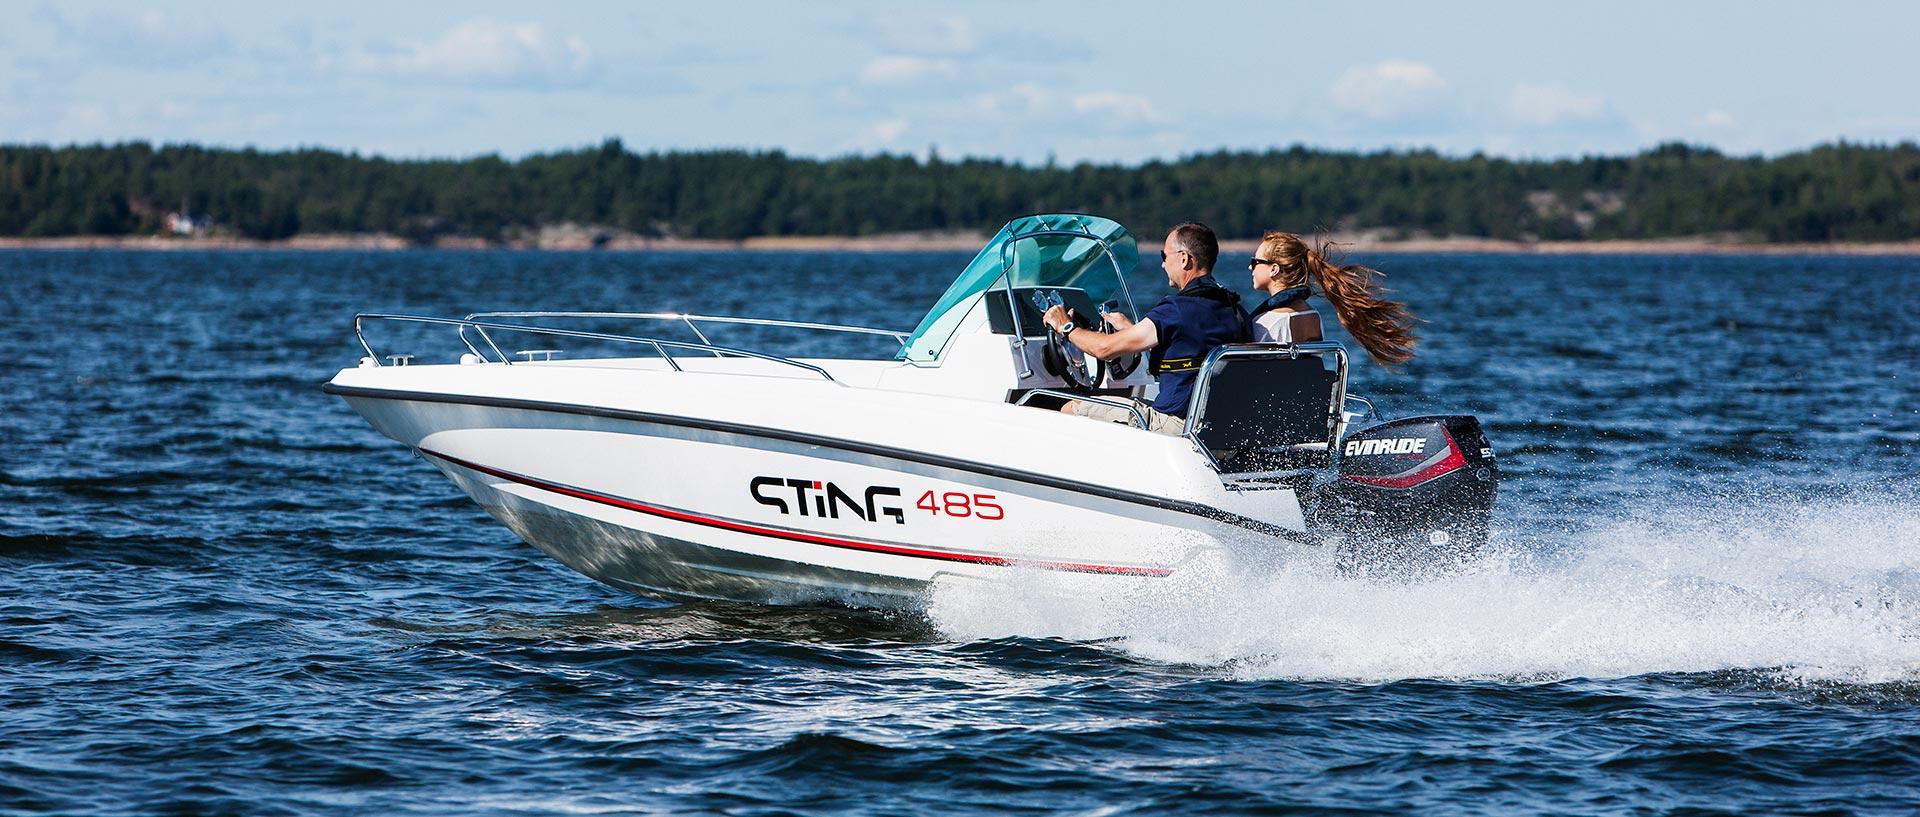 Ideální motorový člun na dovolenou na moři - STiNG 485 s lodním motorem Evinrude E-TEC E60 DPGL